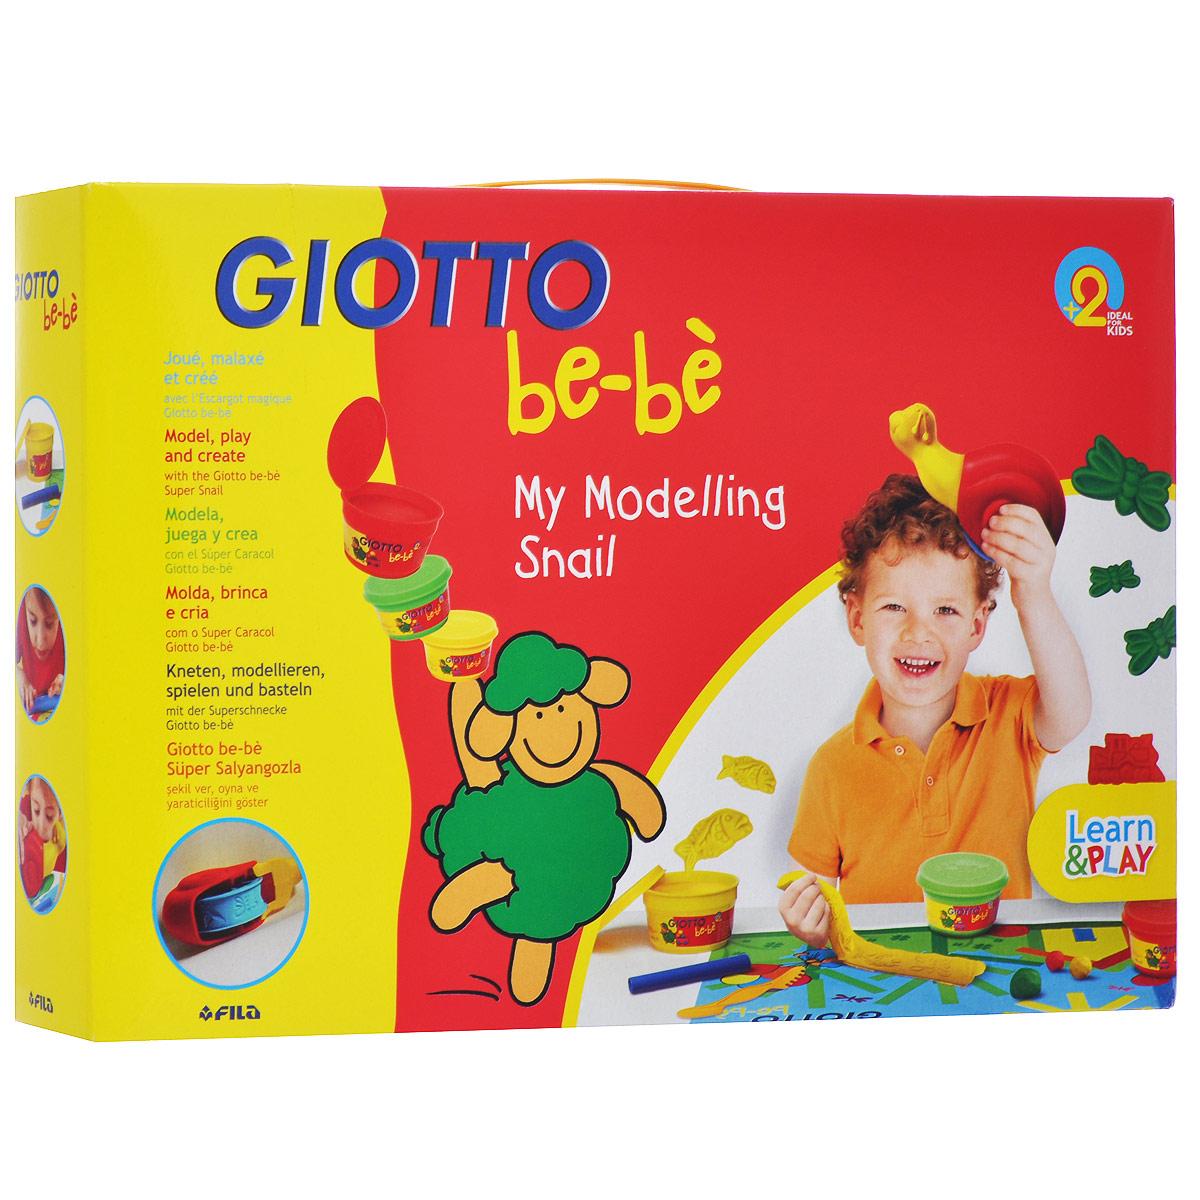 Набор для моделирования Giotto Bebe. My Modeling Snail465200Набор для лепки Giotto Be-be. My Modeling Snail предназначен для лепки и моделирования. Паста для лепки обладает отличными пластичными свойствами, быстро размягчается, хорошо держит форму и не липнет к рукам. Легко отмывается с рук и отстирывается от одежды. В наборе масса для лепки трех цветов, улитка-ролик для создания поделок, скалка и нож. Занятия лепкой помогут ребенку развить творческие способности, воображение, мелкую моторику рук и сенсорное восприятие.